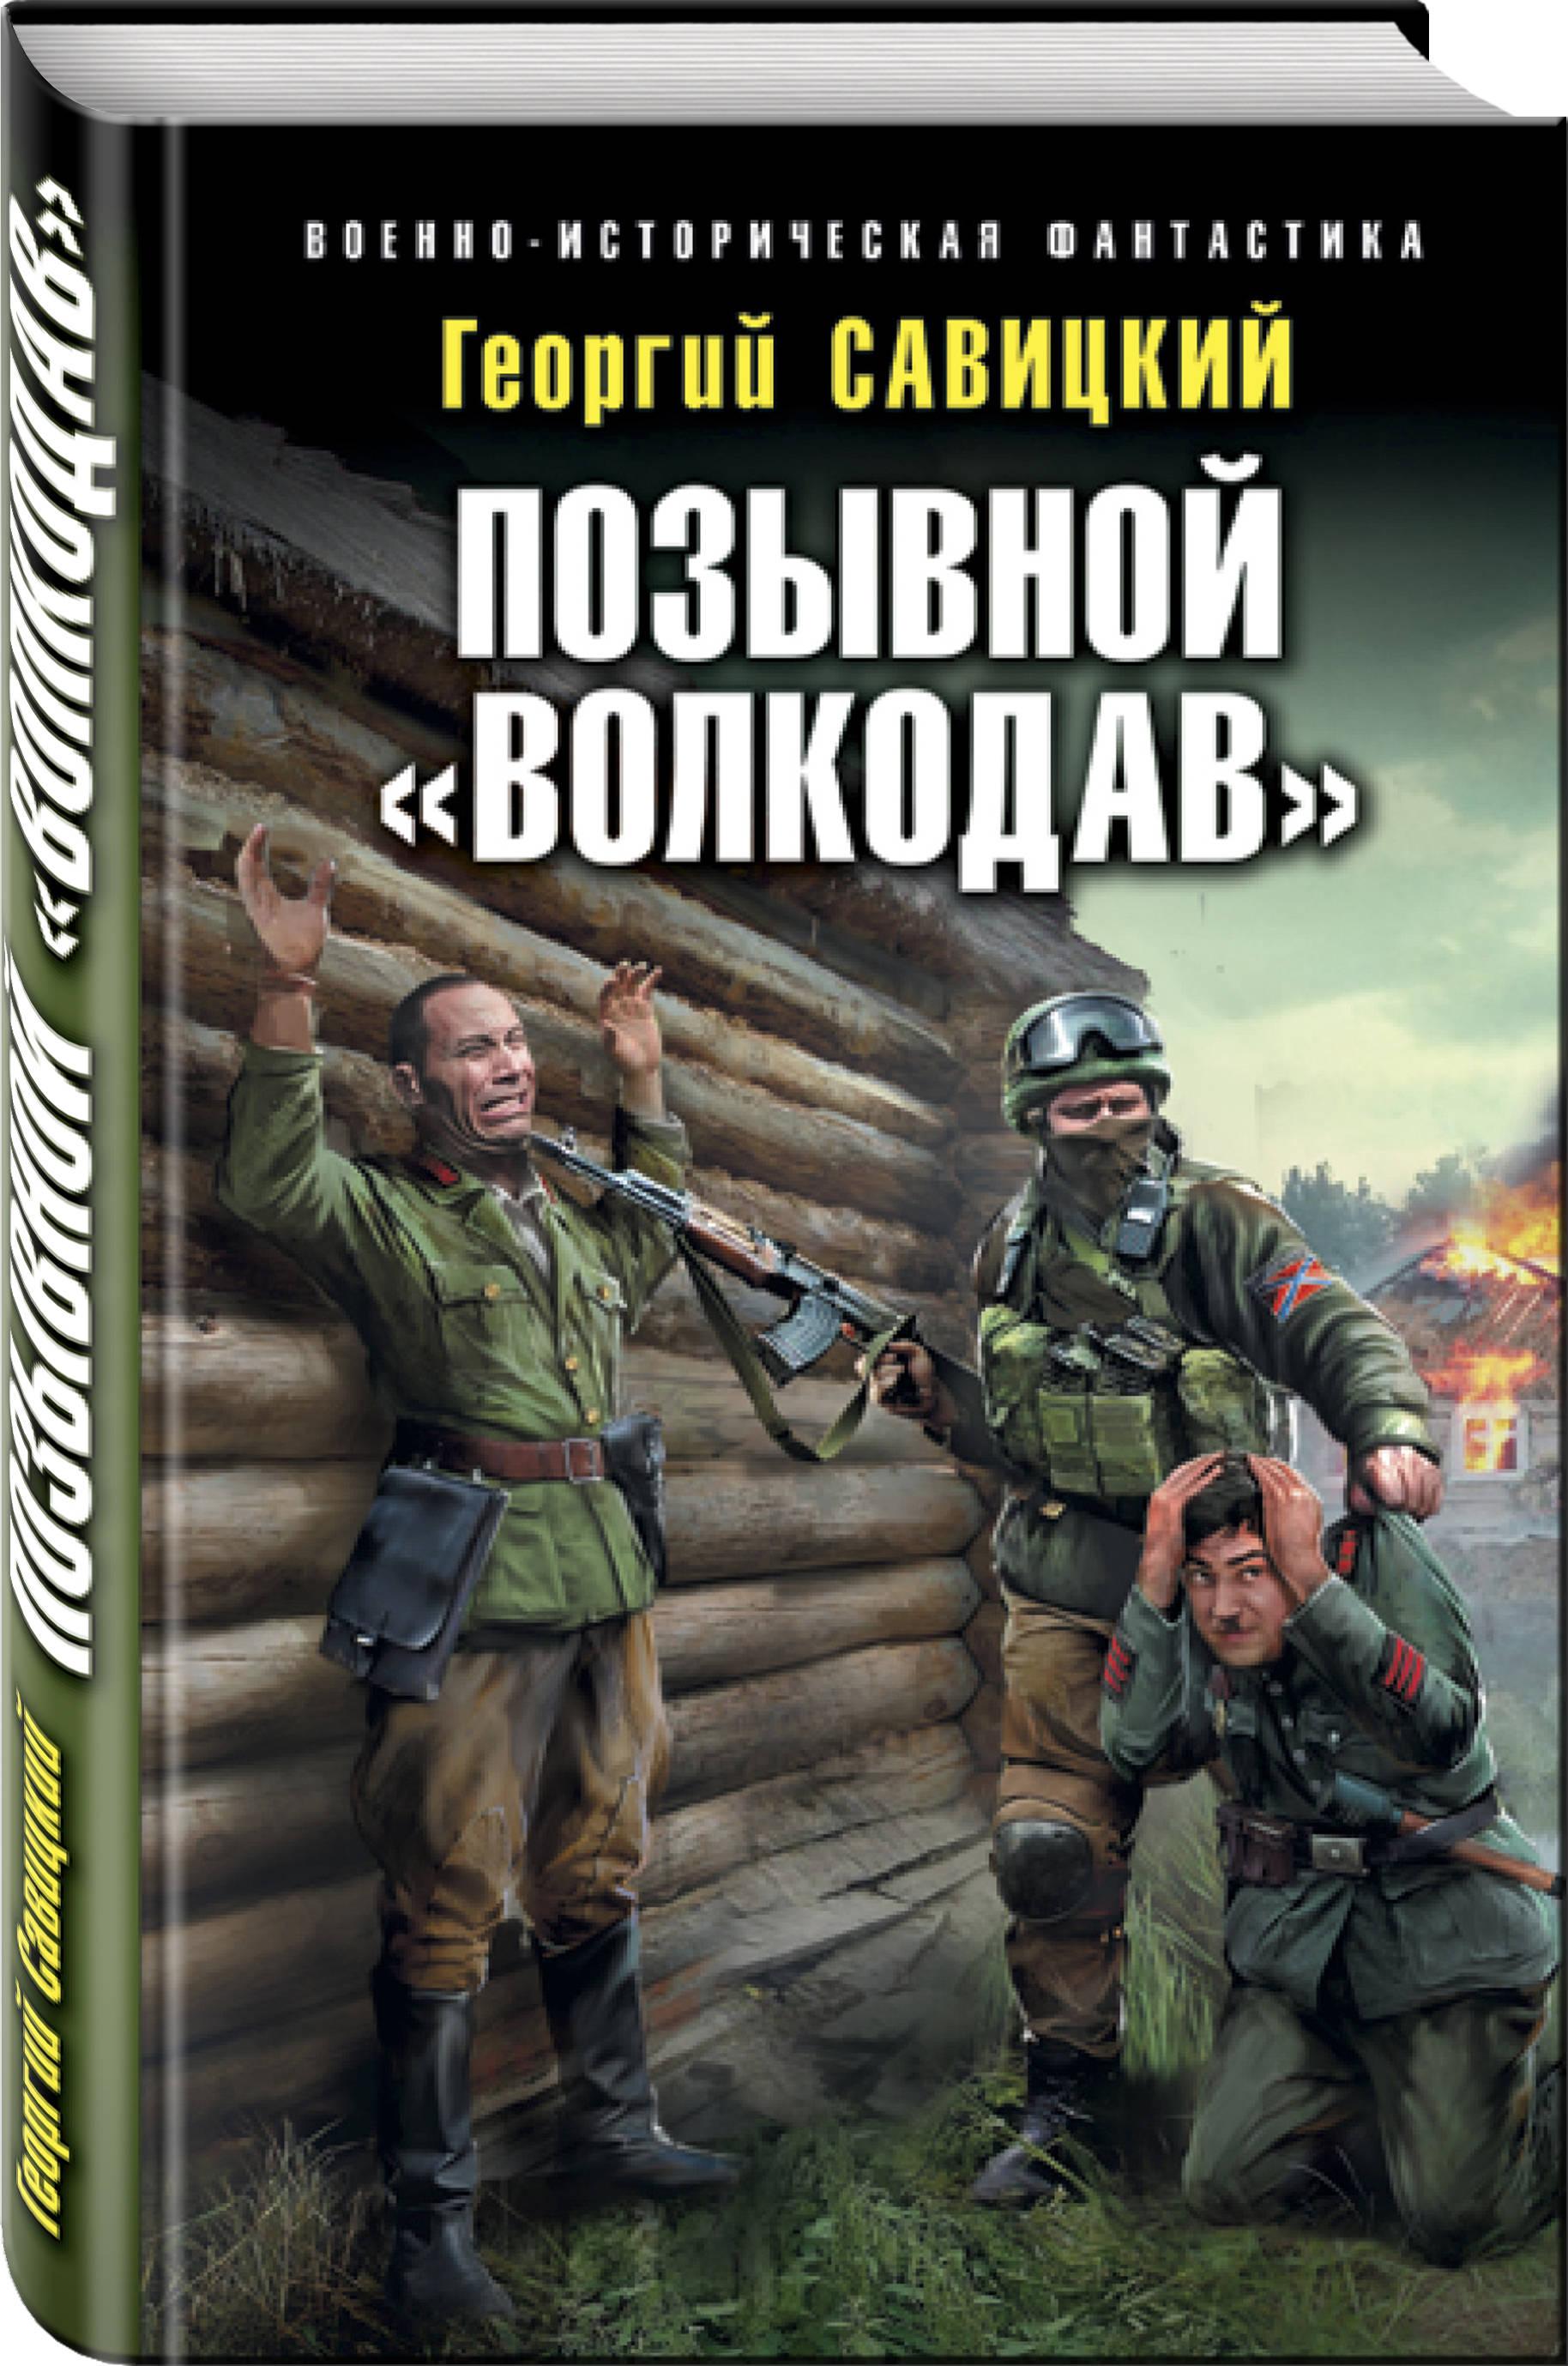 Савицкий Г.В. Позывной «Волкодав» купить шенка лабродора в донецке